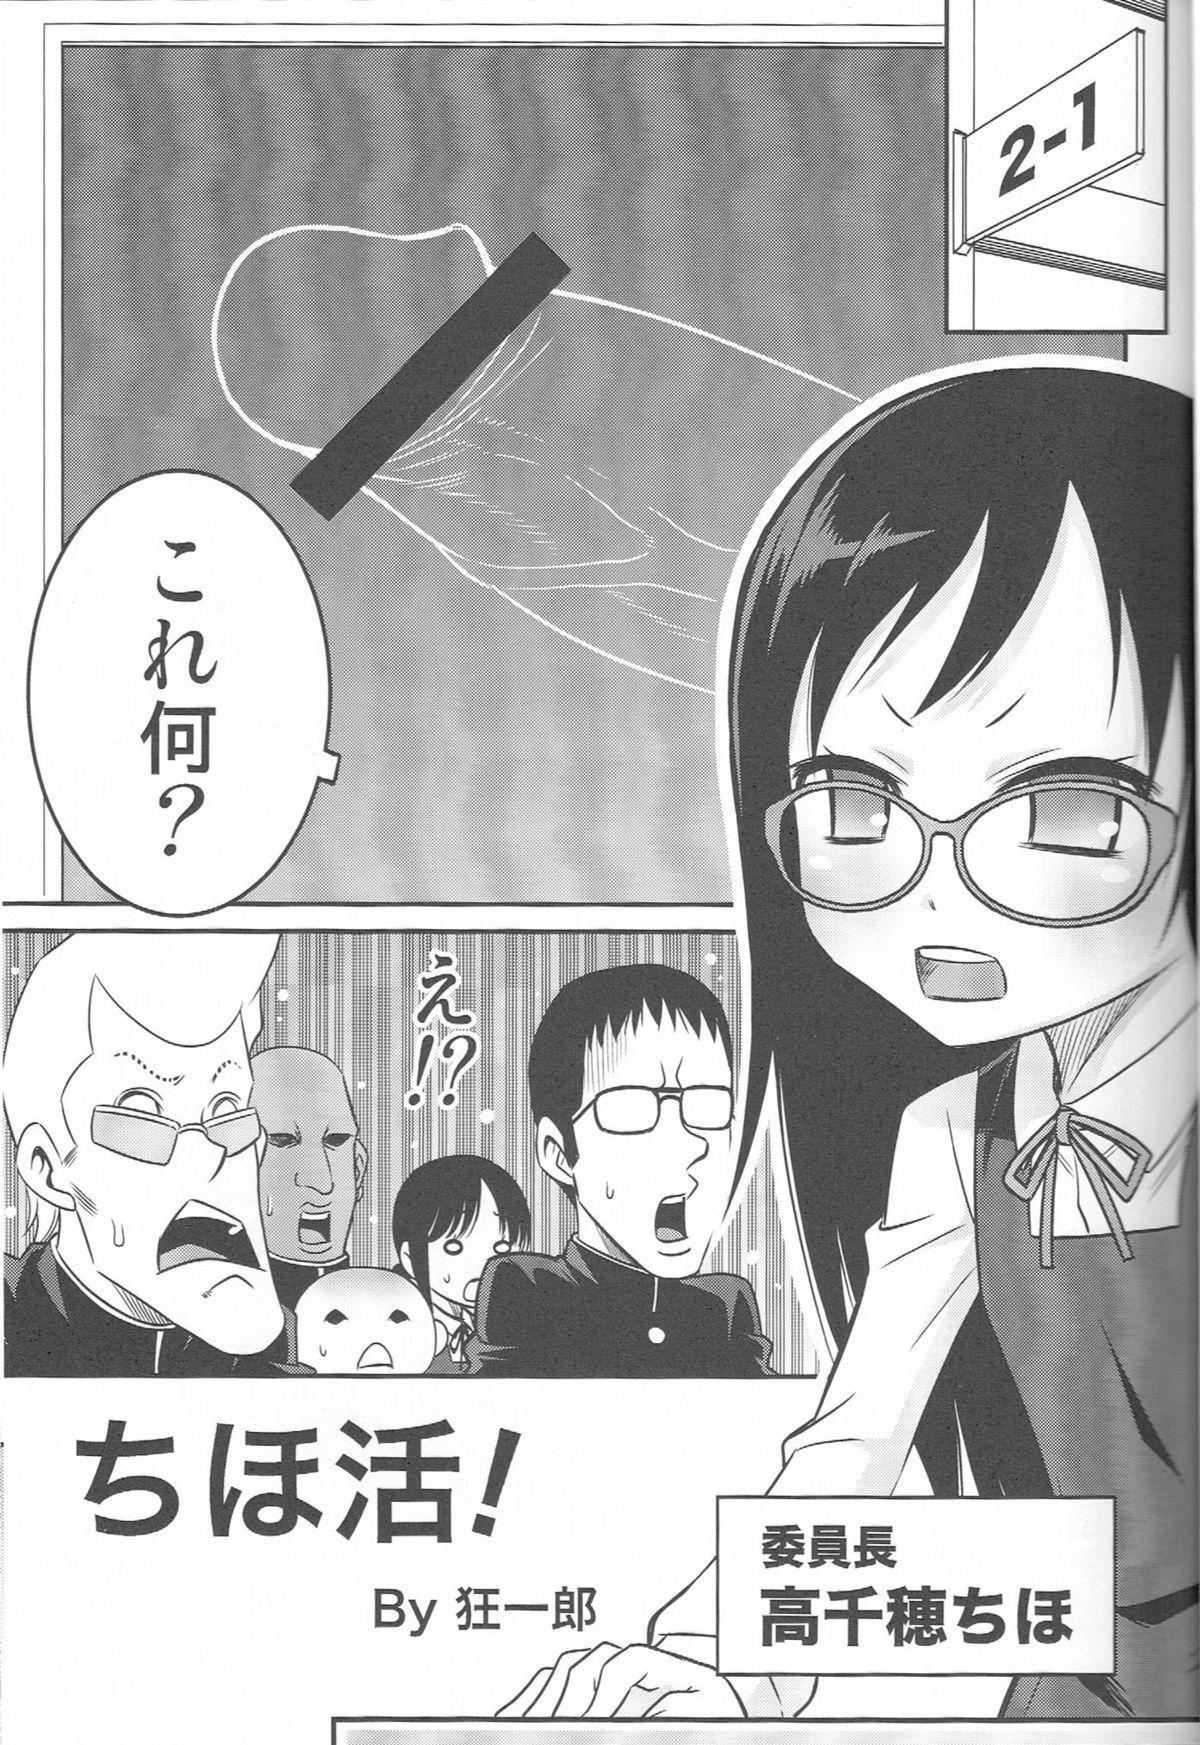 ChihoKatsu! 1